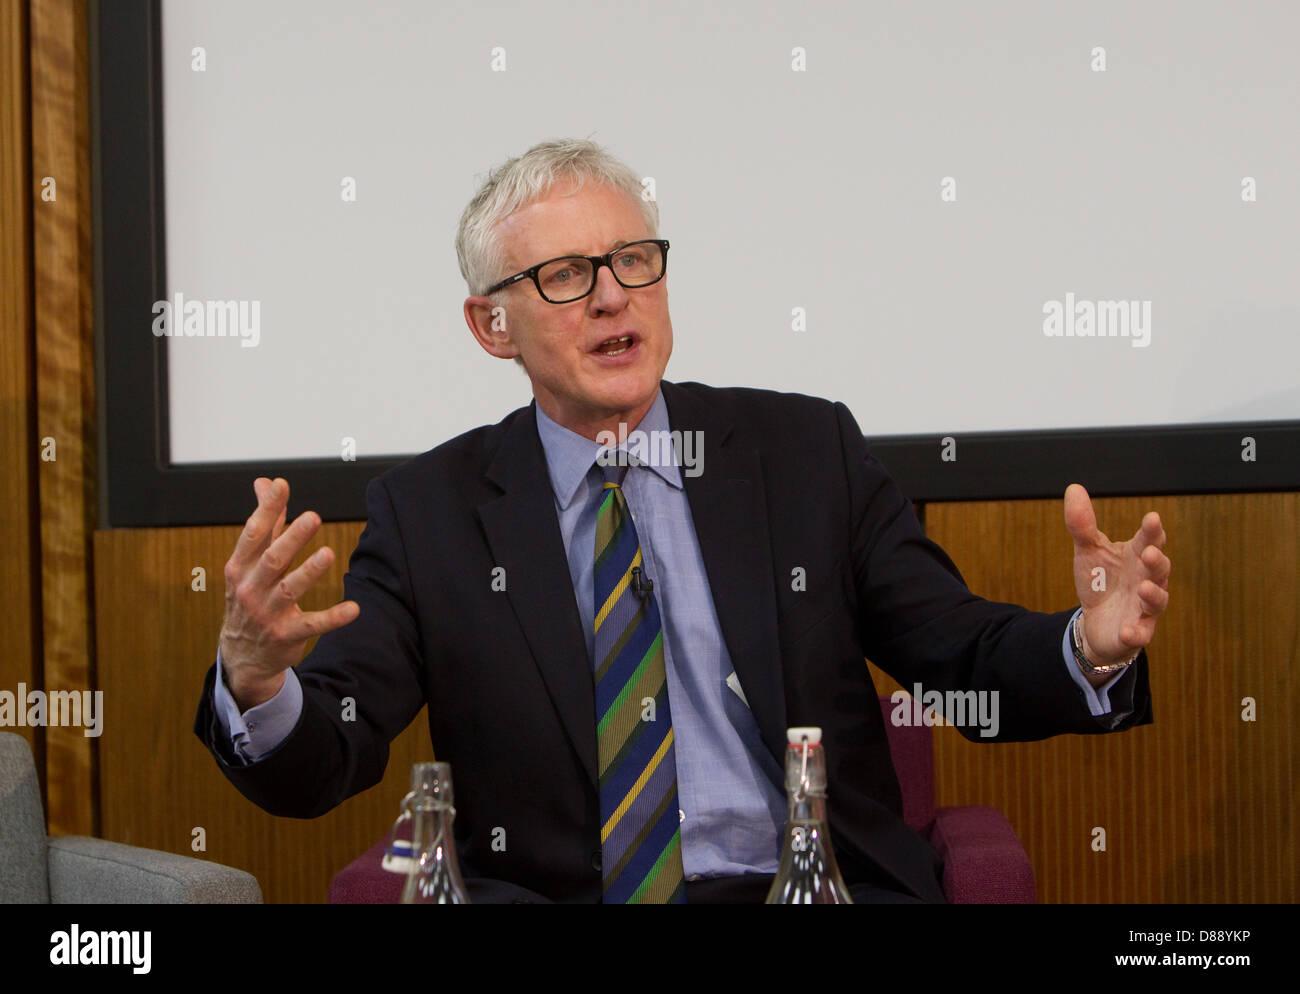 Norman Lamb,Libdem MP North Norfolk, Ministre d'état pour les soins et le soutien au King's Fund à Photo Stock